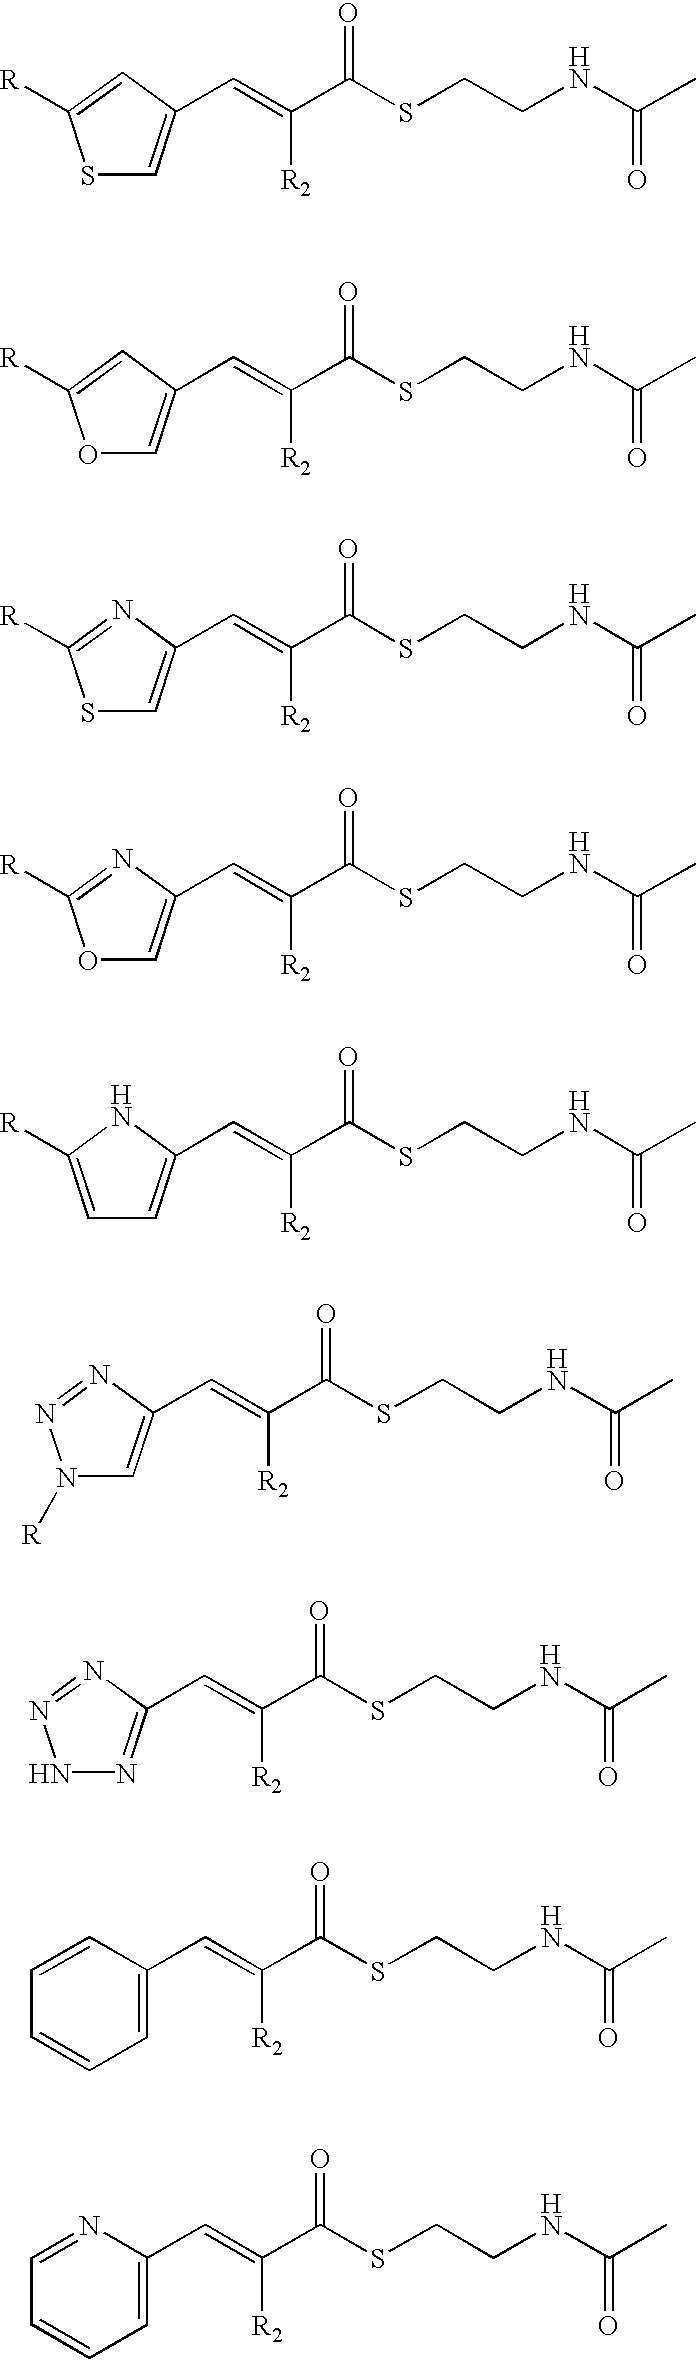 Figure US06583290-20030624-C00017